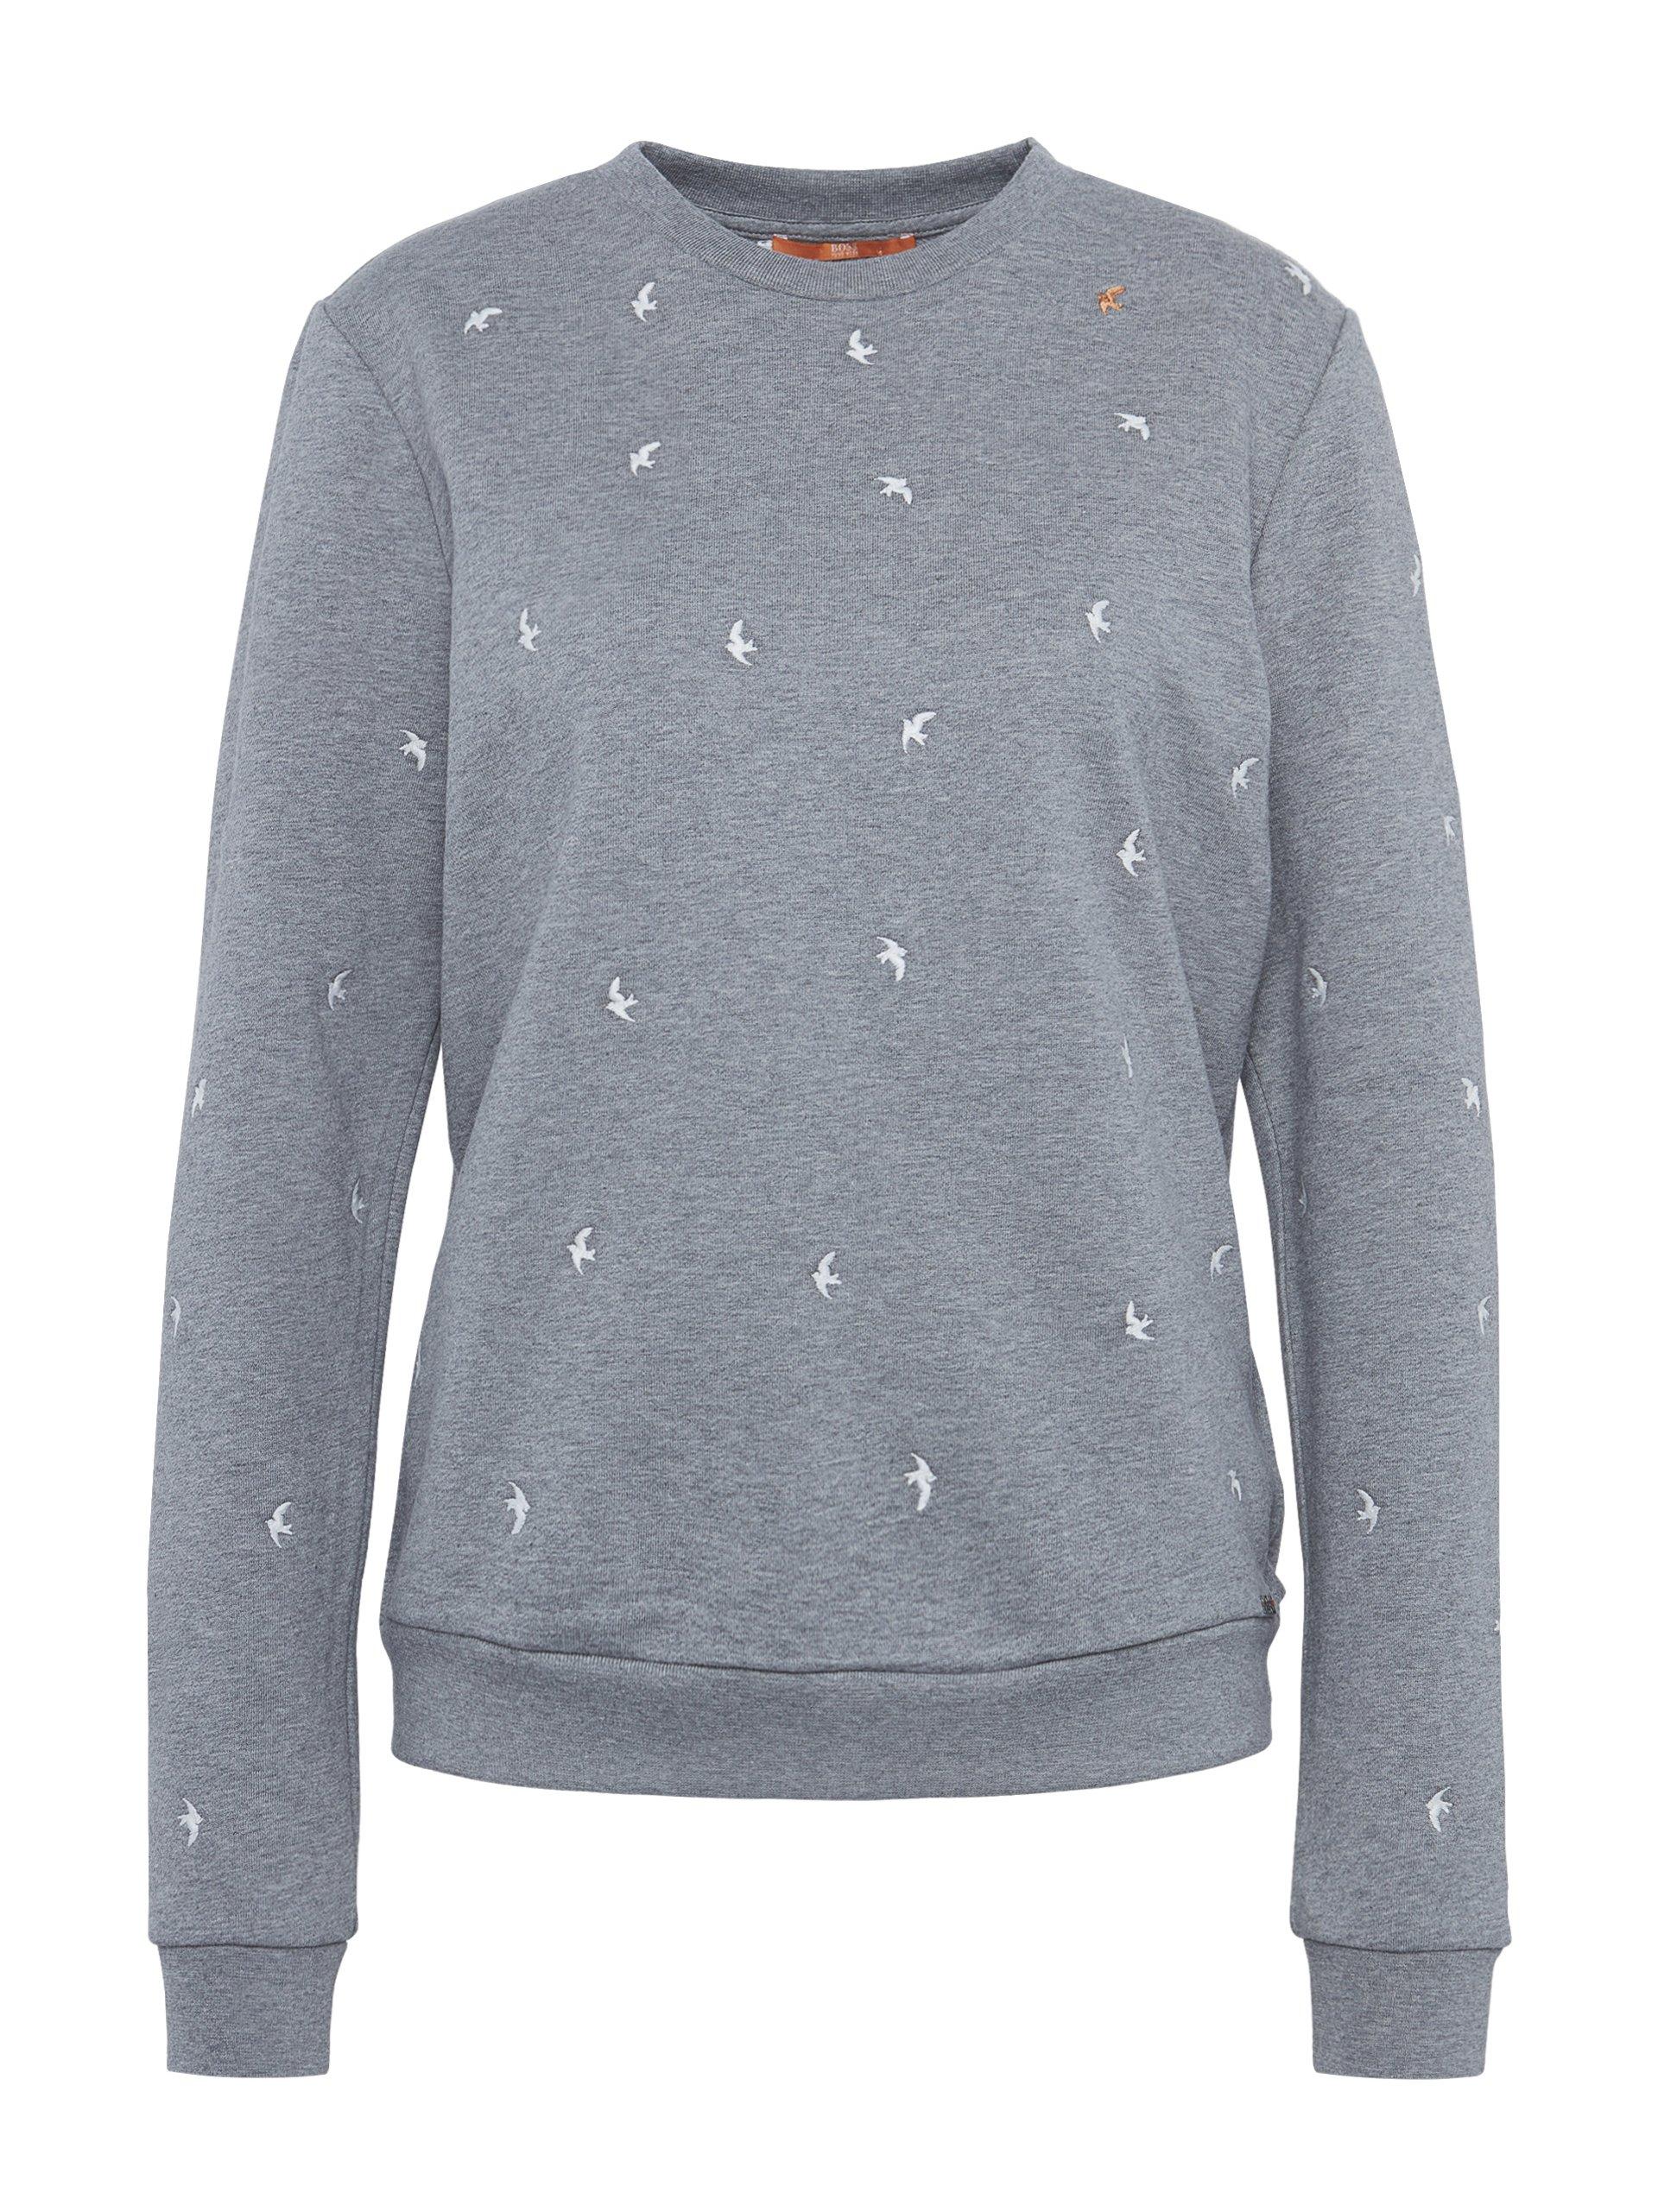 BOSS Orange Damen Sweatshirt - Tabirdy